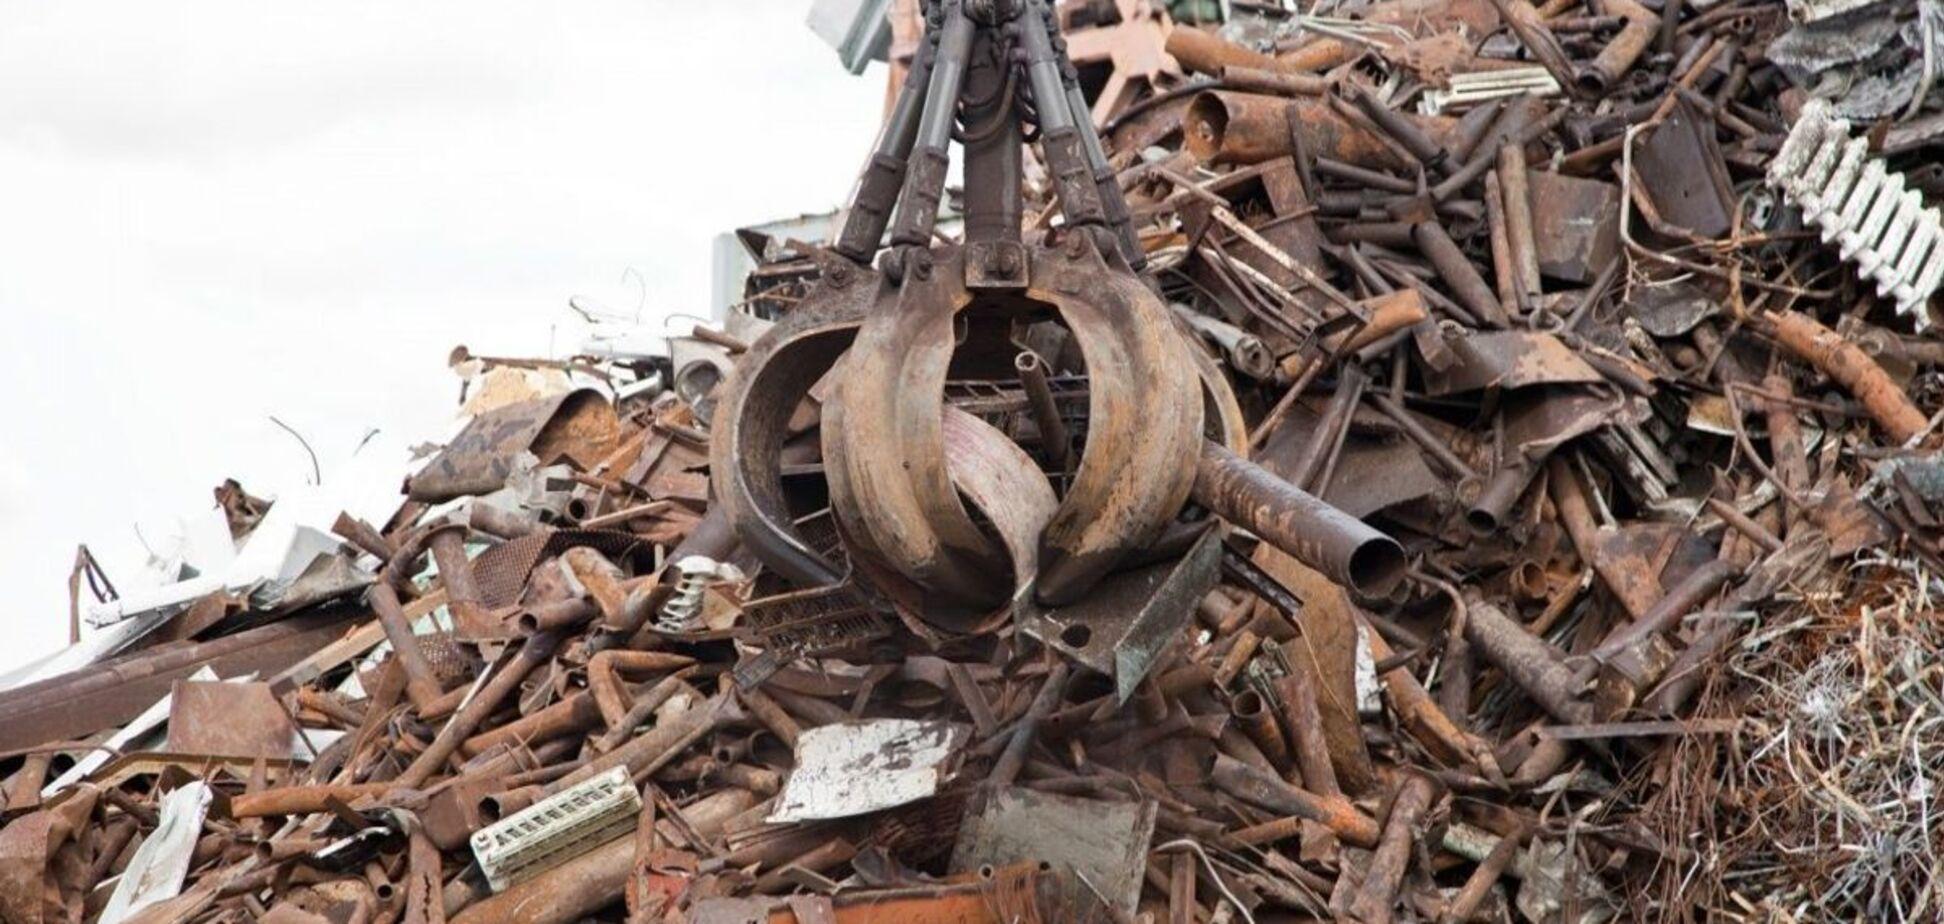 Из-за дефицита металлолома в Украине под угрозой оказалась стабильная работа целой отрасли